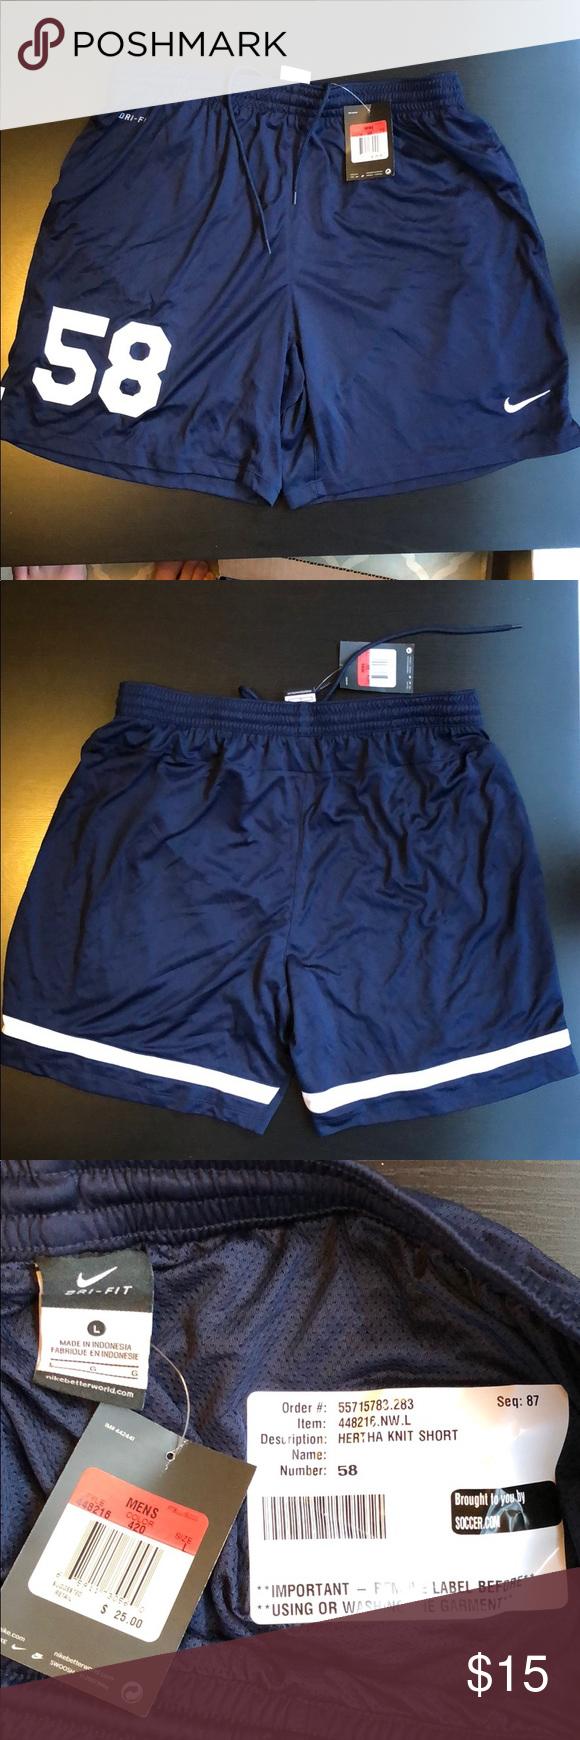 Nwt Nike Hertha Knit Short Navy 58 66 Sz L Xl Nwt Pinterest